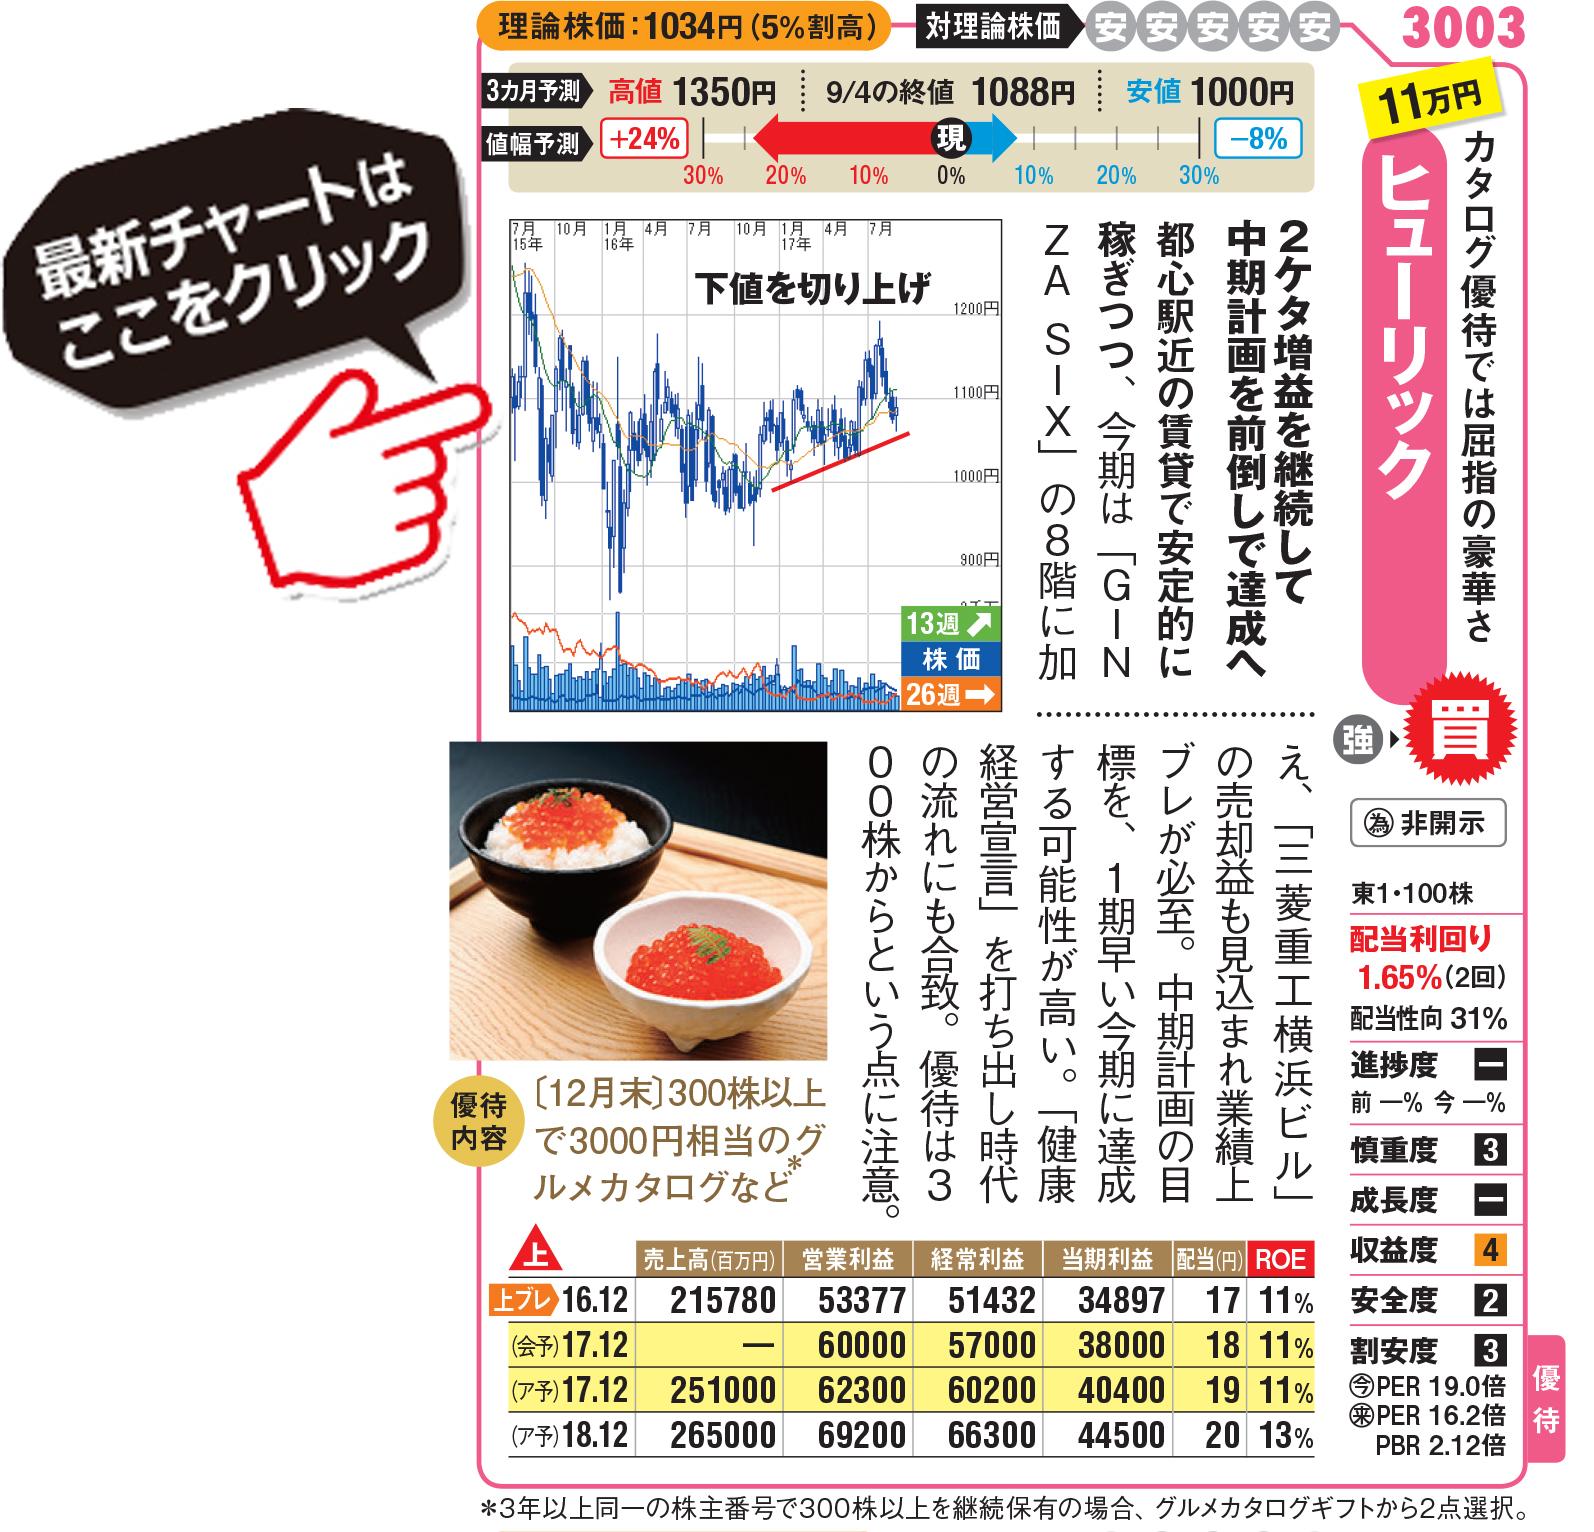 リック 株価 ヒュー